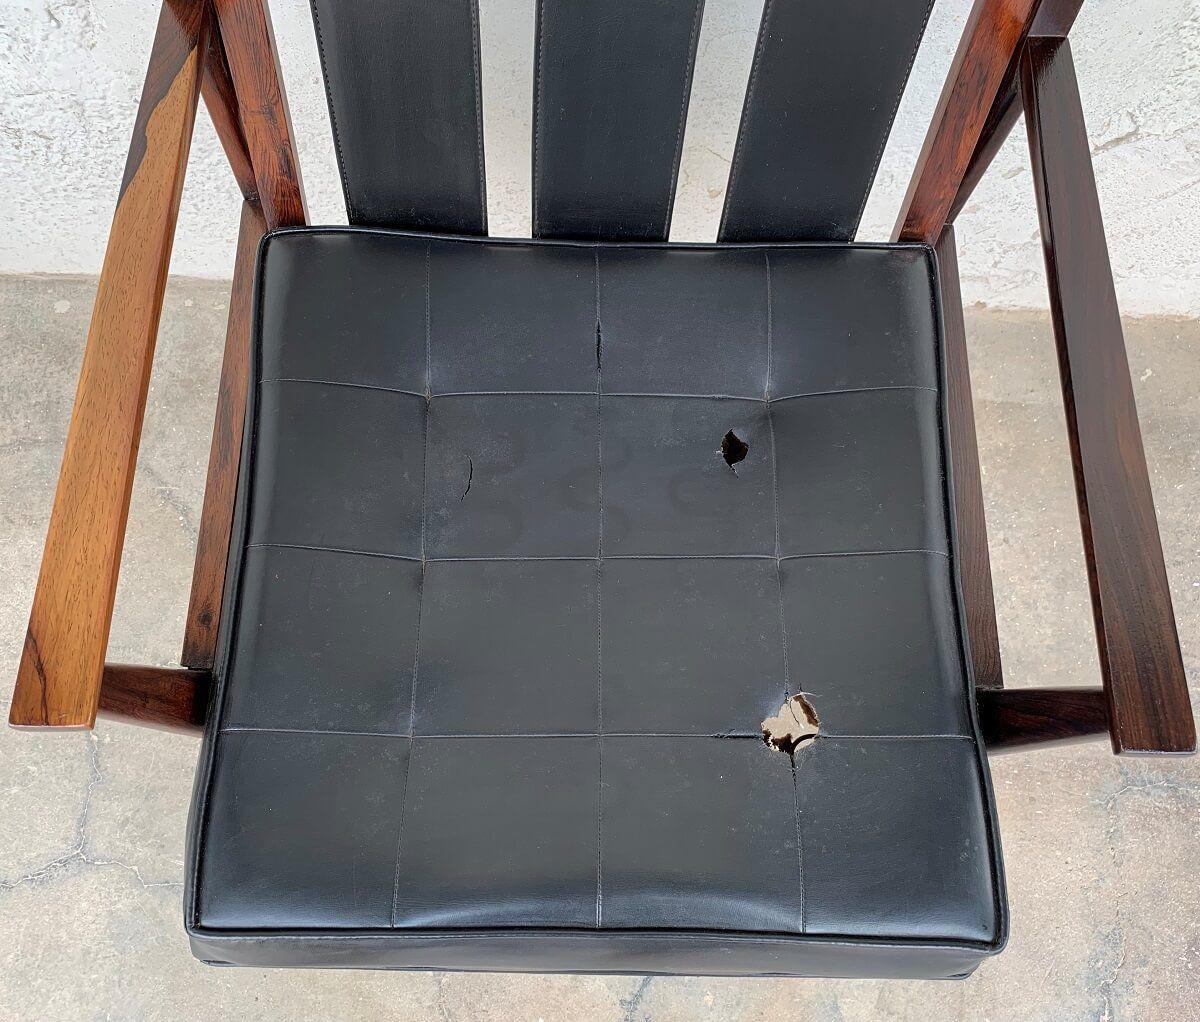 Antiga Cadeira Giratoria De Escritorio Jacaranda Design Anos 60